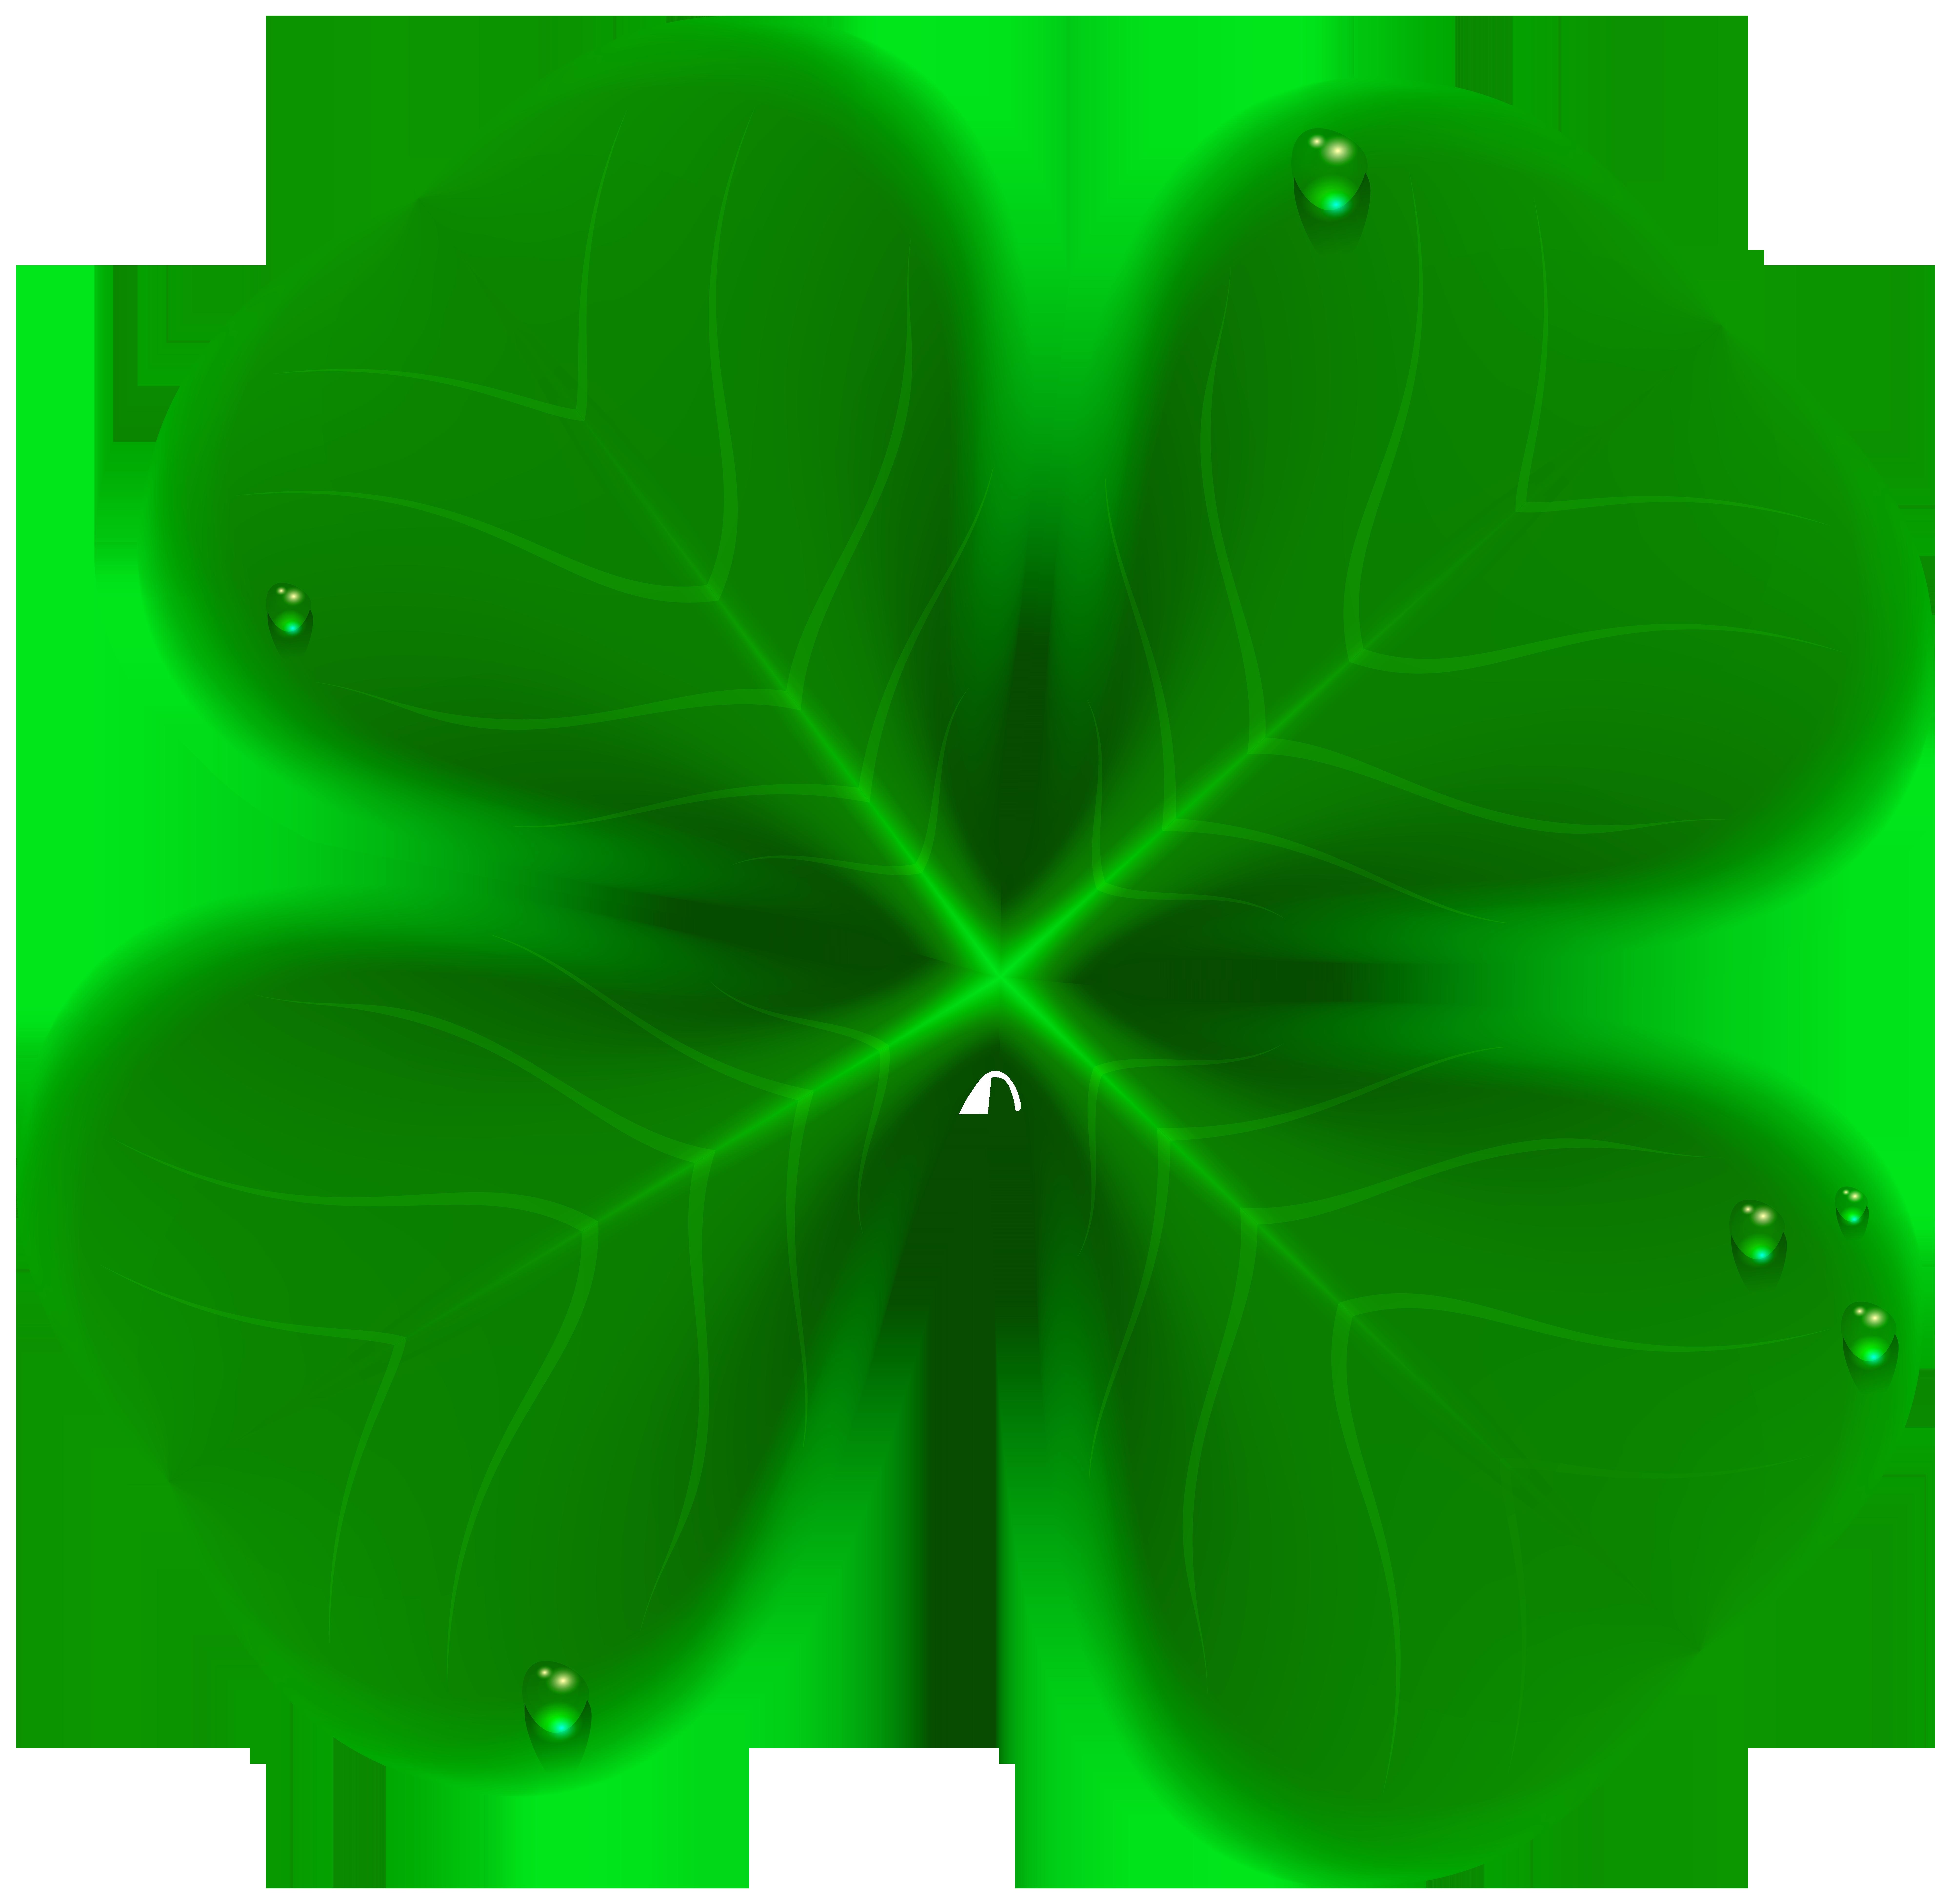 8000x7807 Four Leaf Clover Transparent Clip Art Imageu200b Gallery